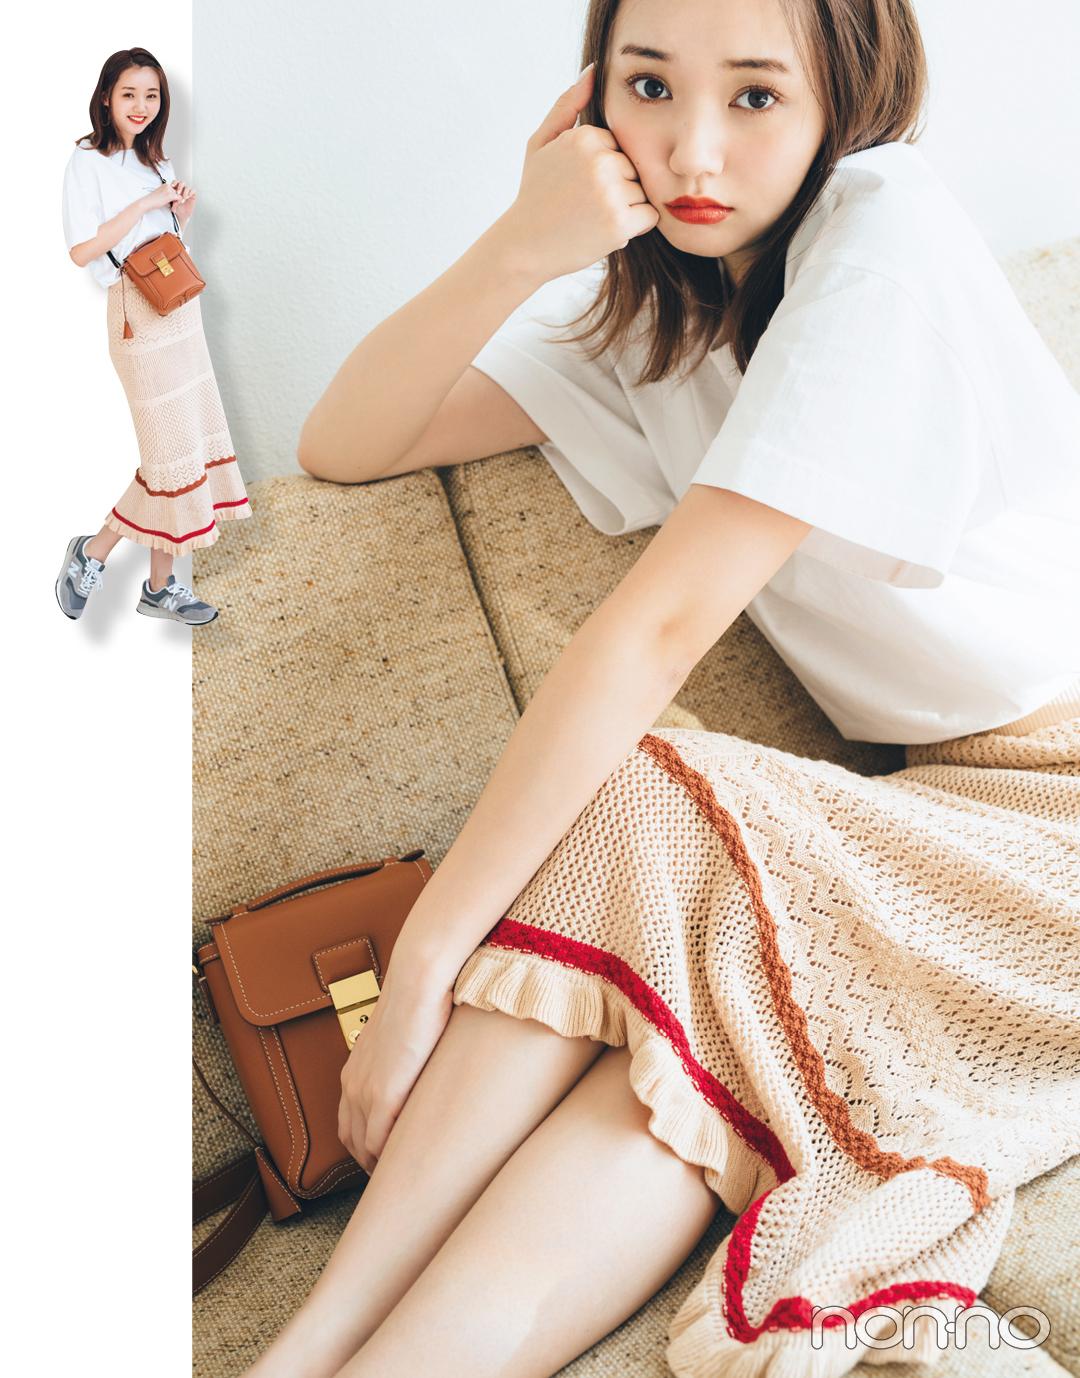 この夏、江野沢愛美は何を着る? ミックスカジュアルの達人の私服コーデを拝見!_1_2-3